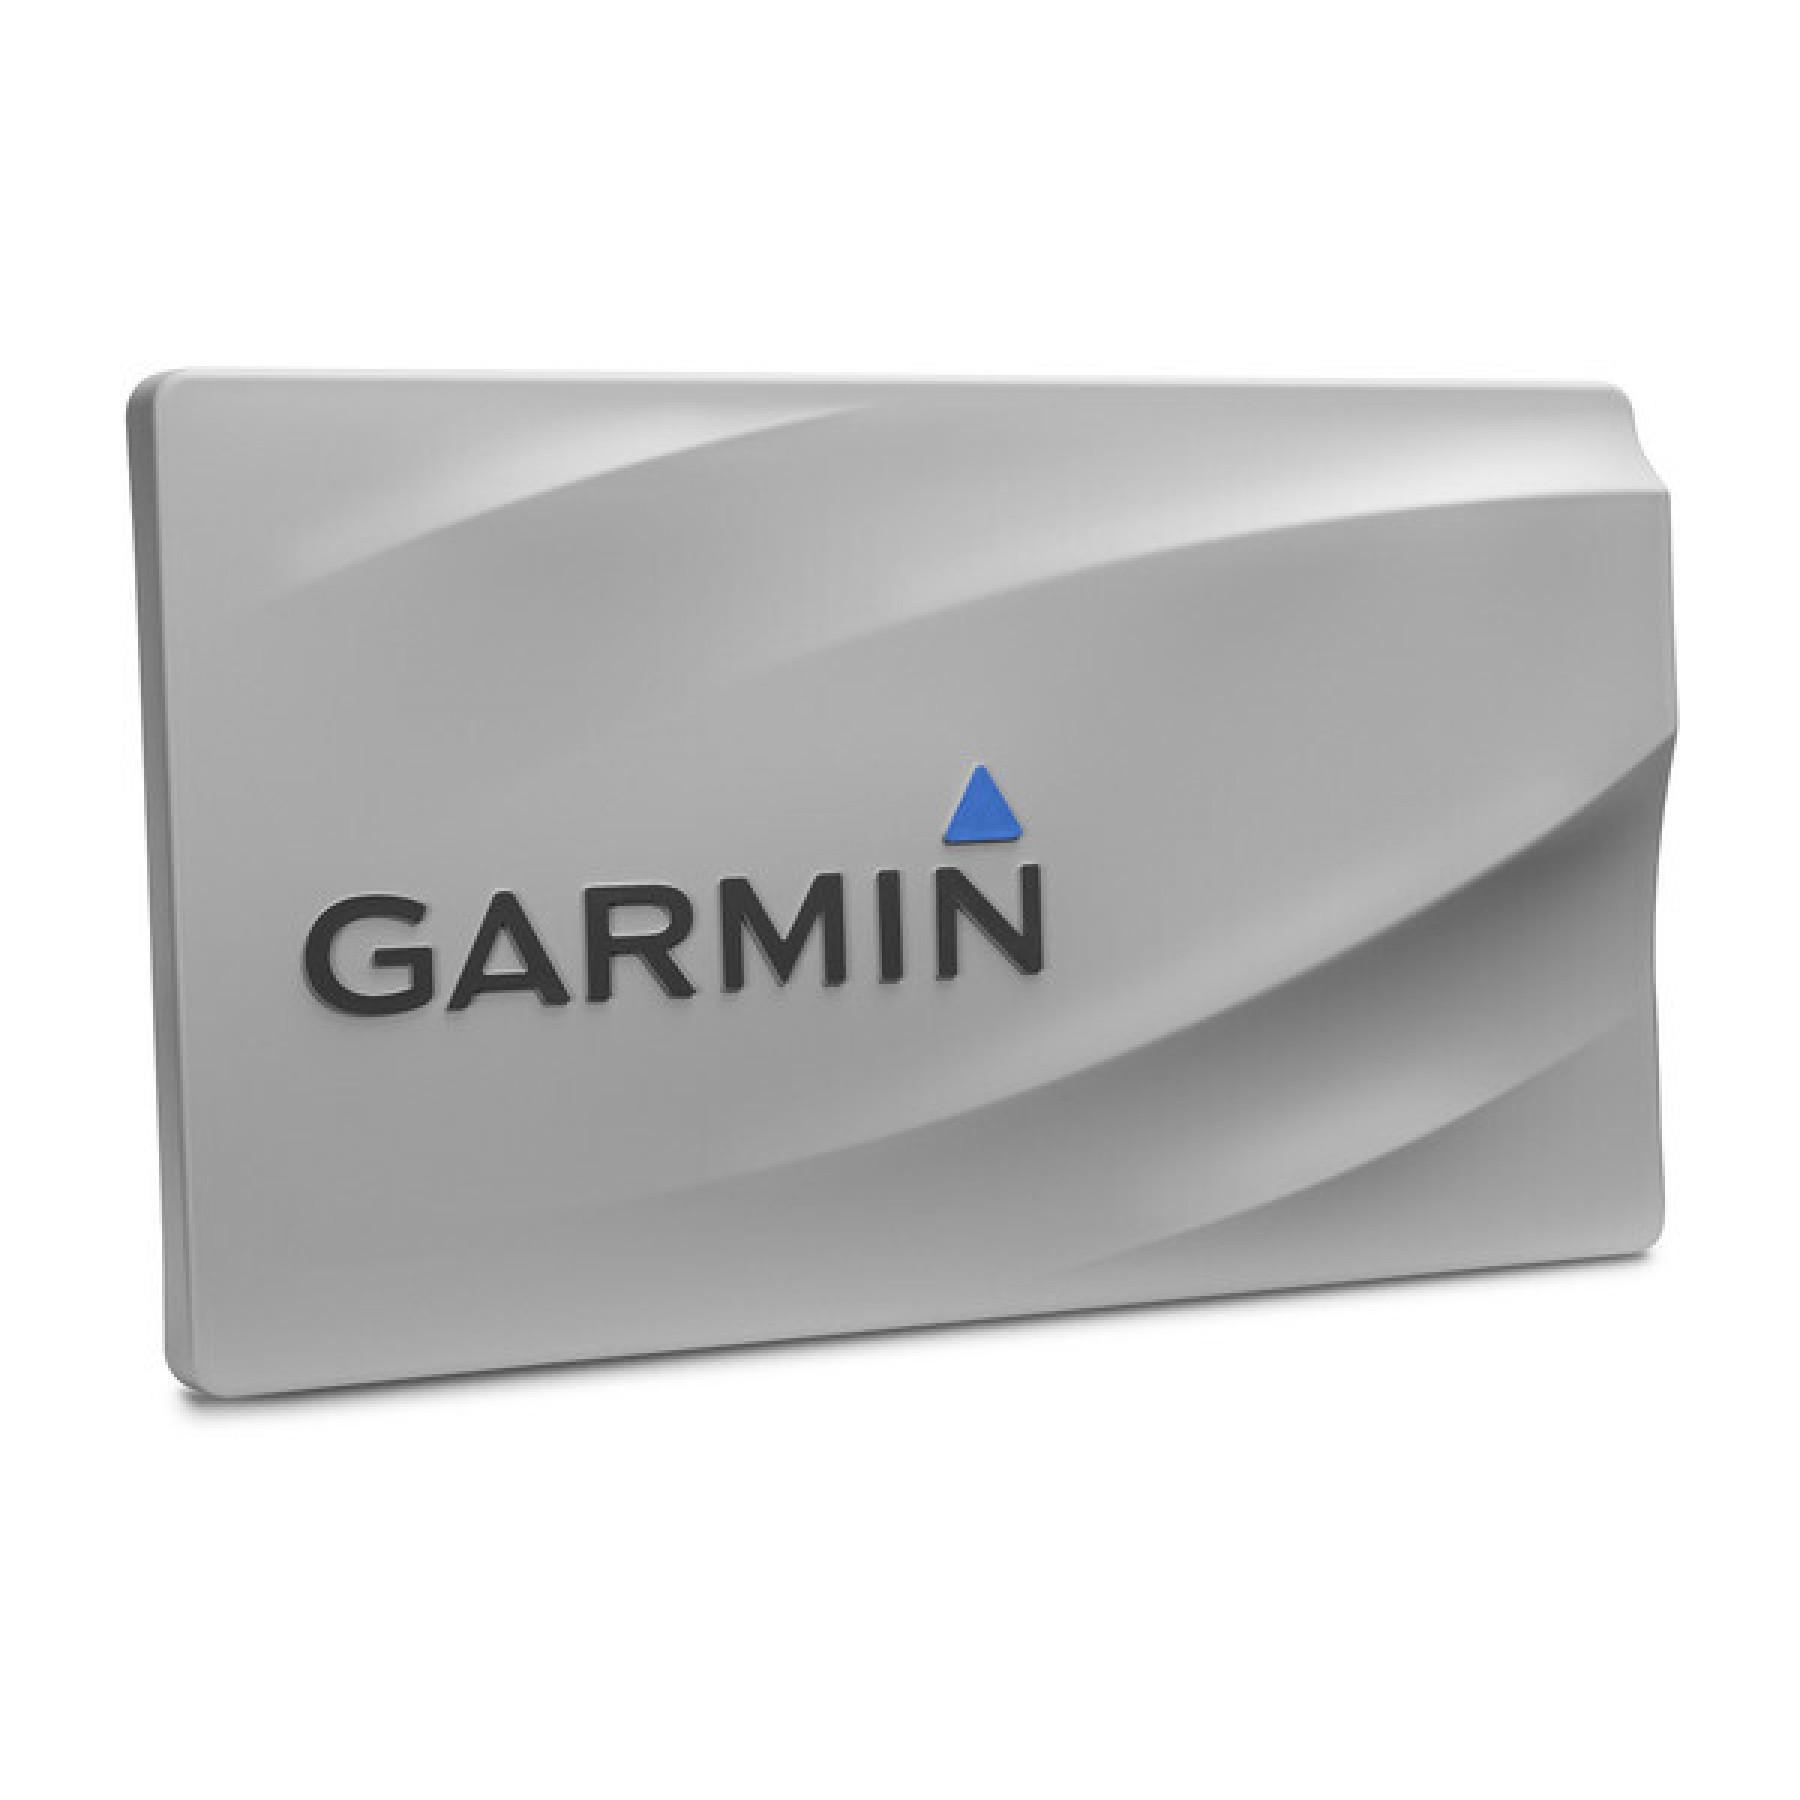 Protective cover Garmin gpsmap série 10x2